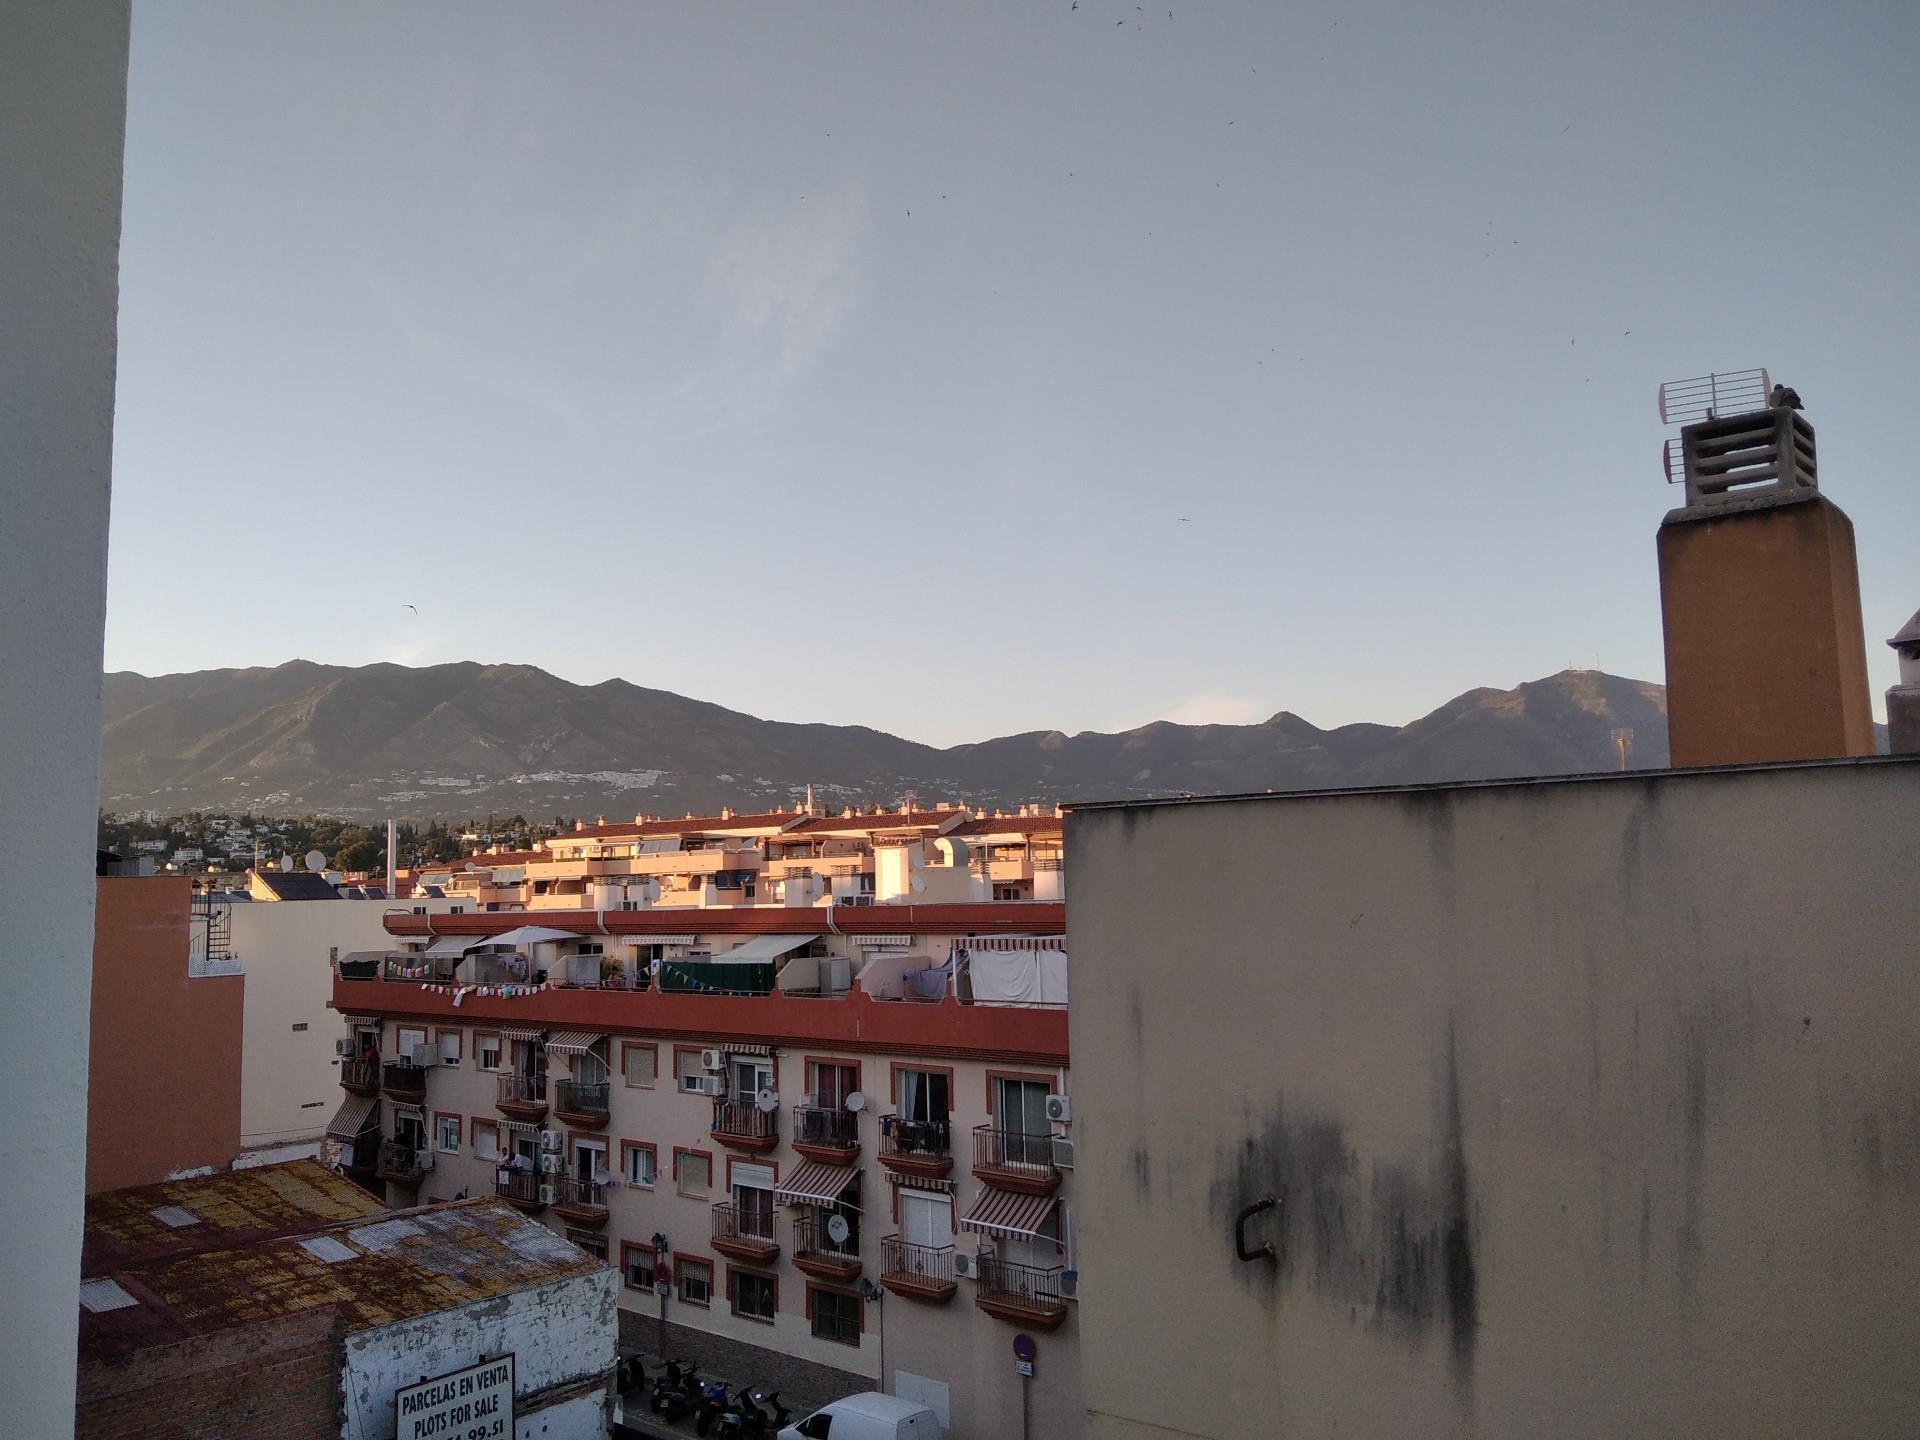 Piso de alquiler en Calle Jacaranda, 2 Los Árboles (Las Lagunas de Mijas, Málaga)